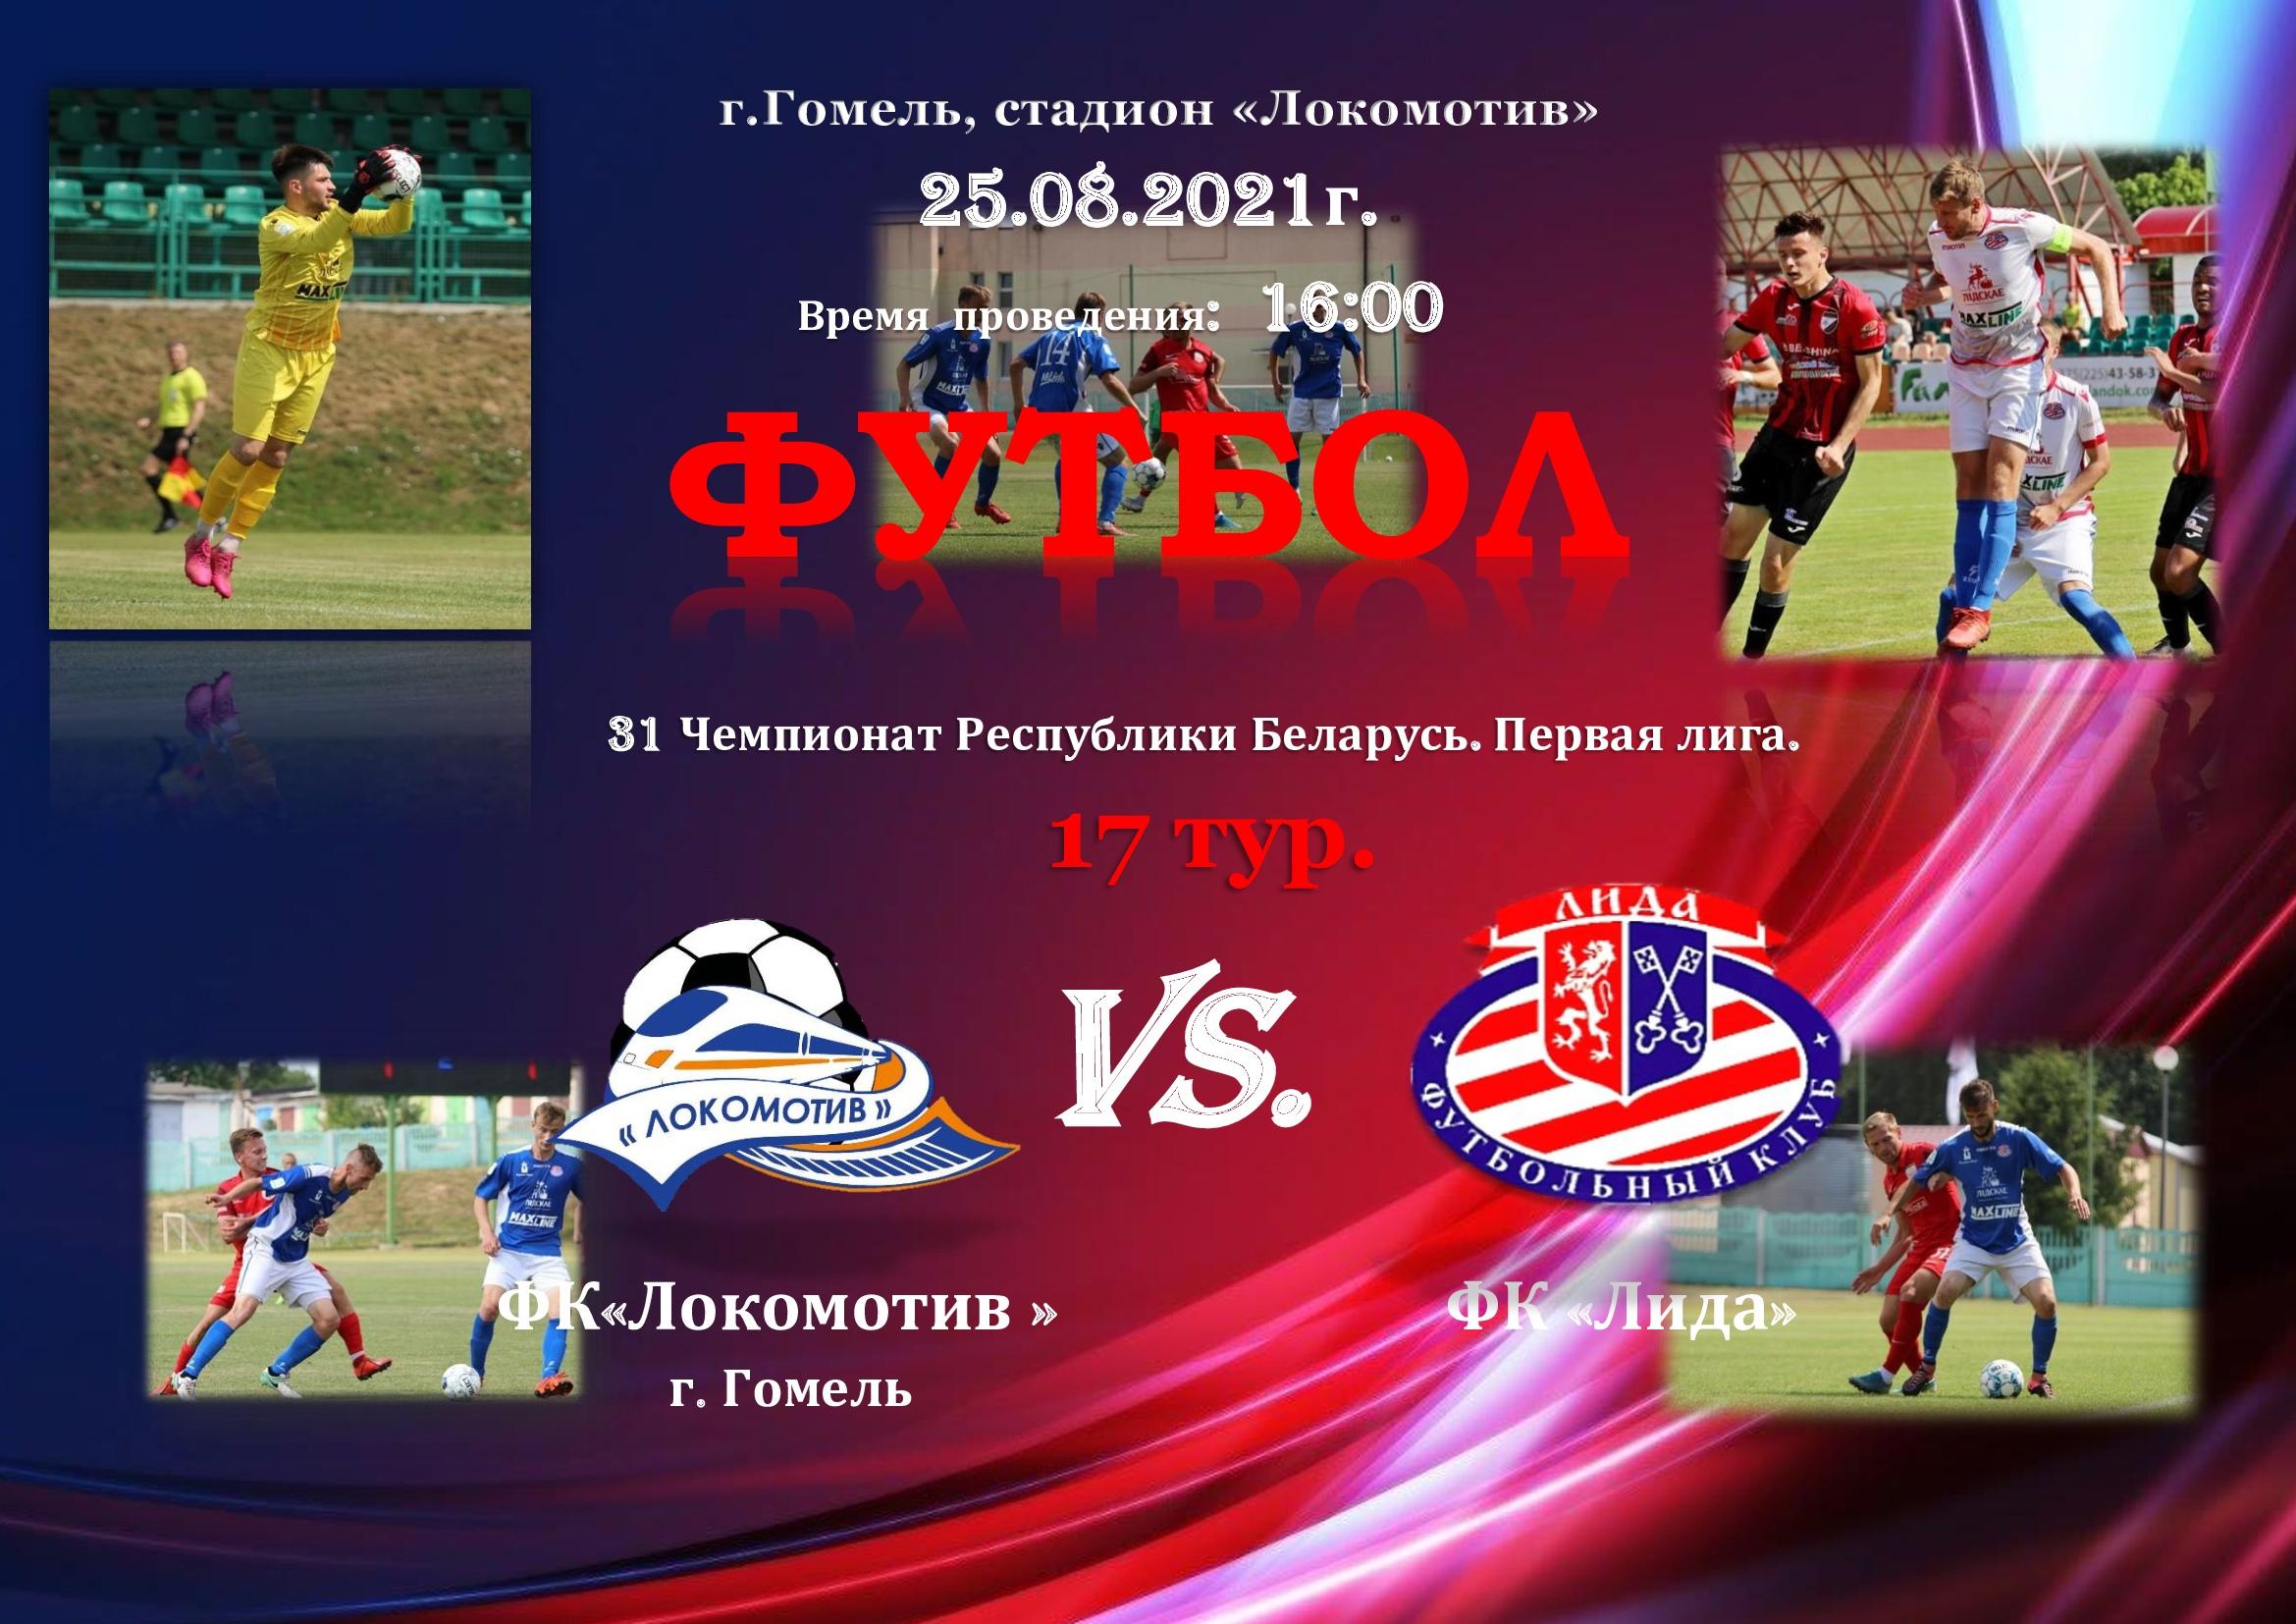 Футбольный клуб «Лида» проведет сегодня перенесенный матч 17-го тура чемпионата страны в первой лиге